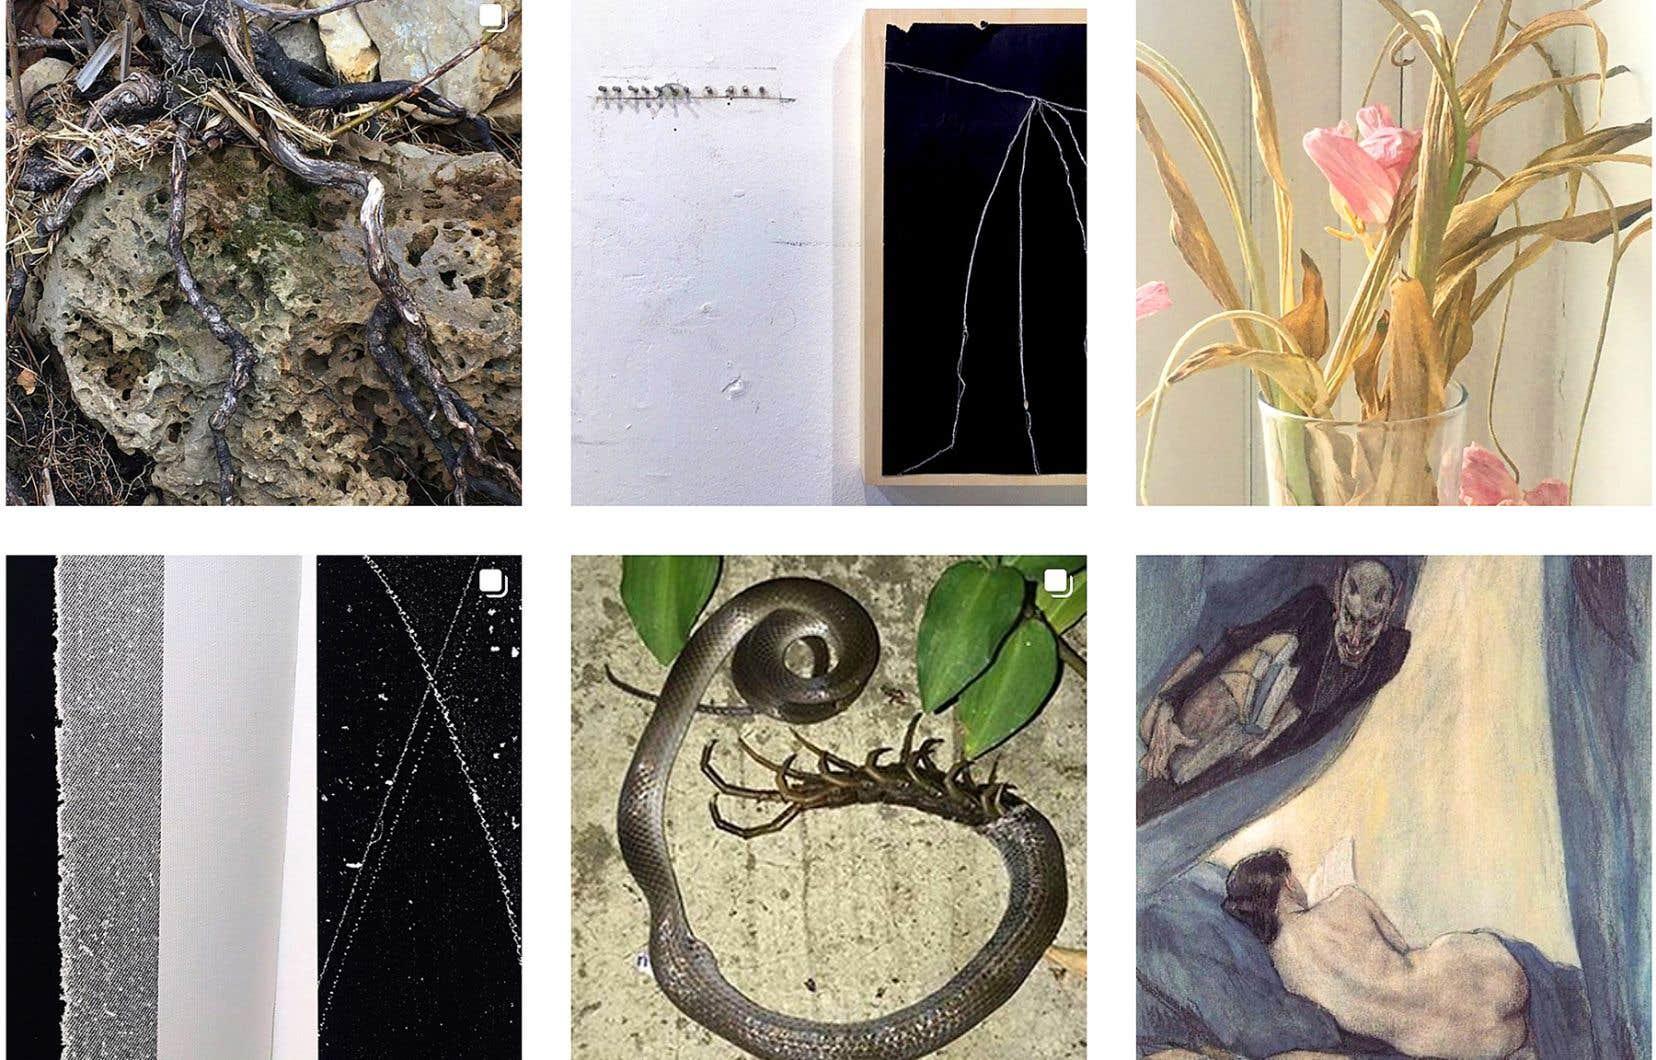 «Instagram, c'est centré sur le travail. Je publie et assume que c'est pour être vu de façon professionnelle», commente Jérôme Nadeau, issu du programme de maîtrise en photographie de l'Université Concordia, cuvée 2016.